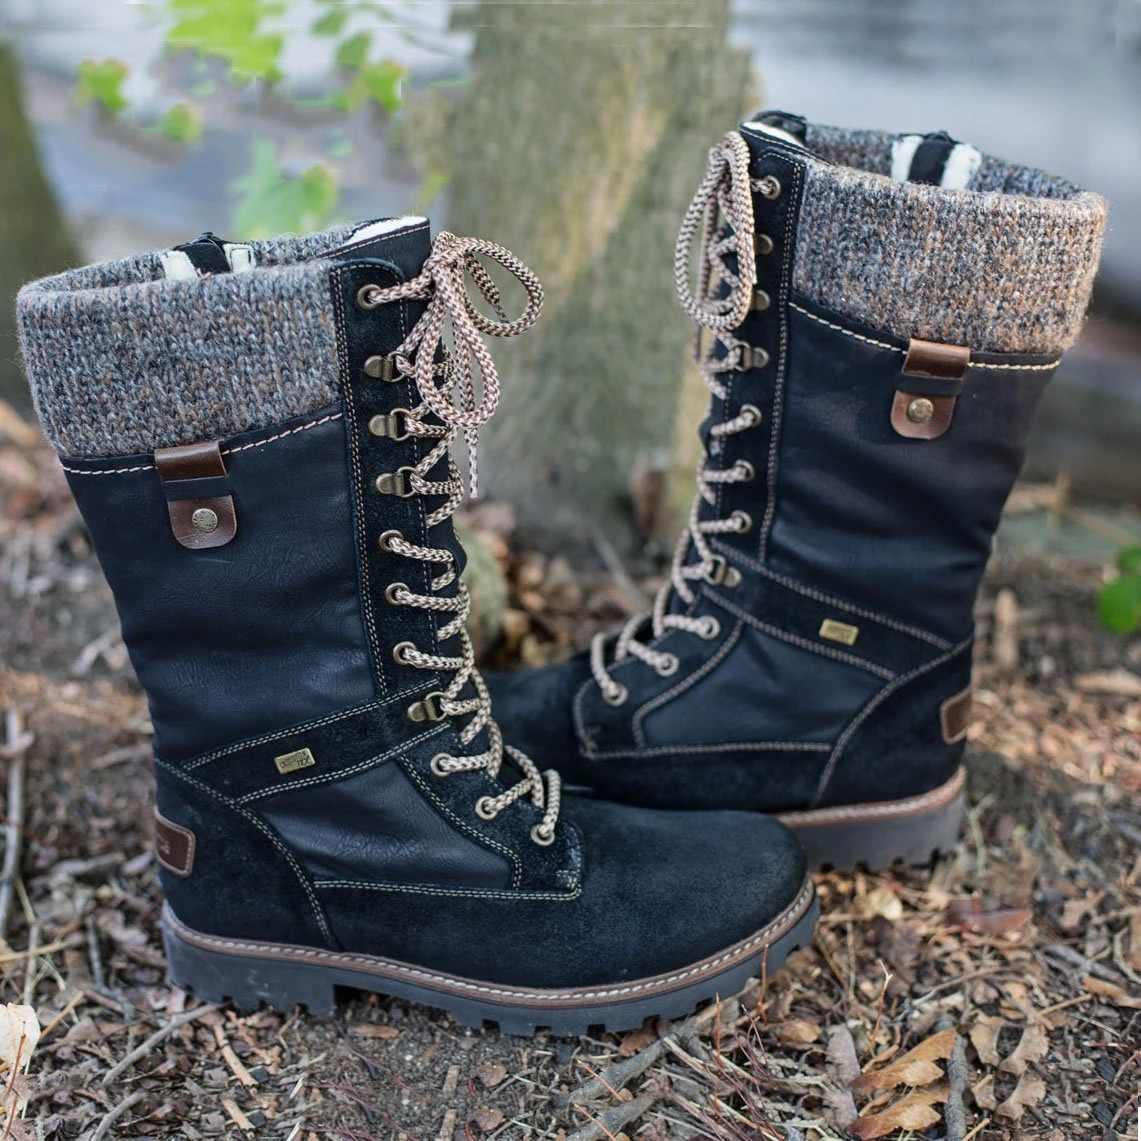 LOOZYKIT kışlık botlar kadınlar temel kadın orta buzağı çizmeler yuvarlak ayak Zip platformu dekor kadın ayakkabısı sıcak Lace Up Boots ayakkabı